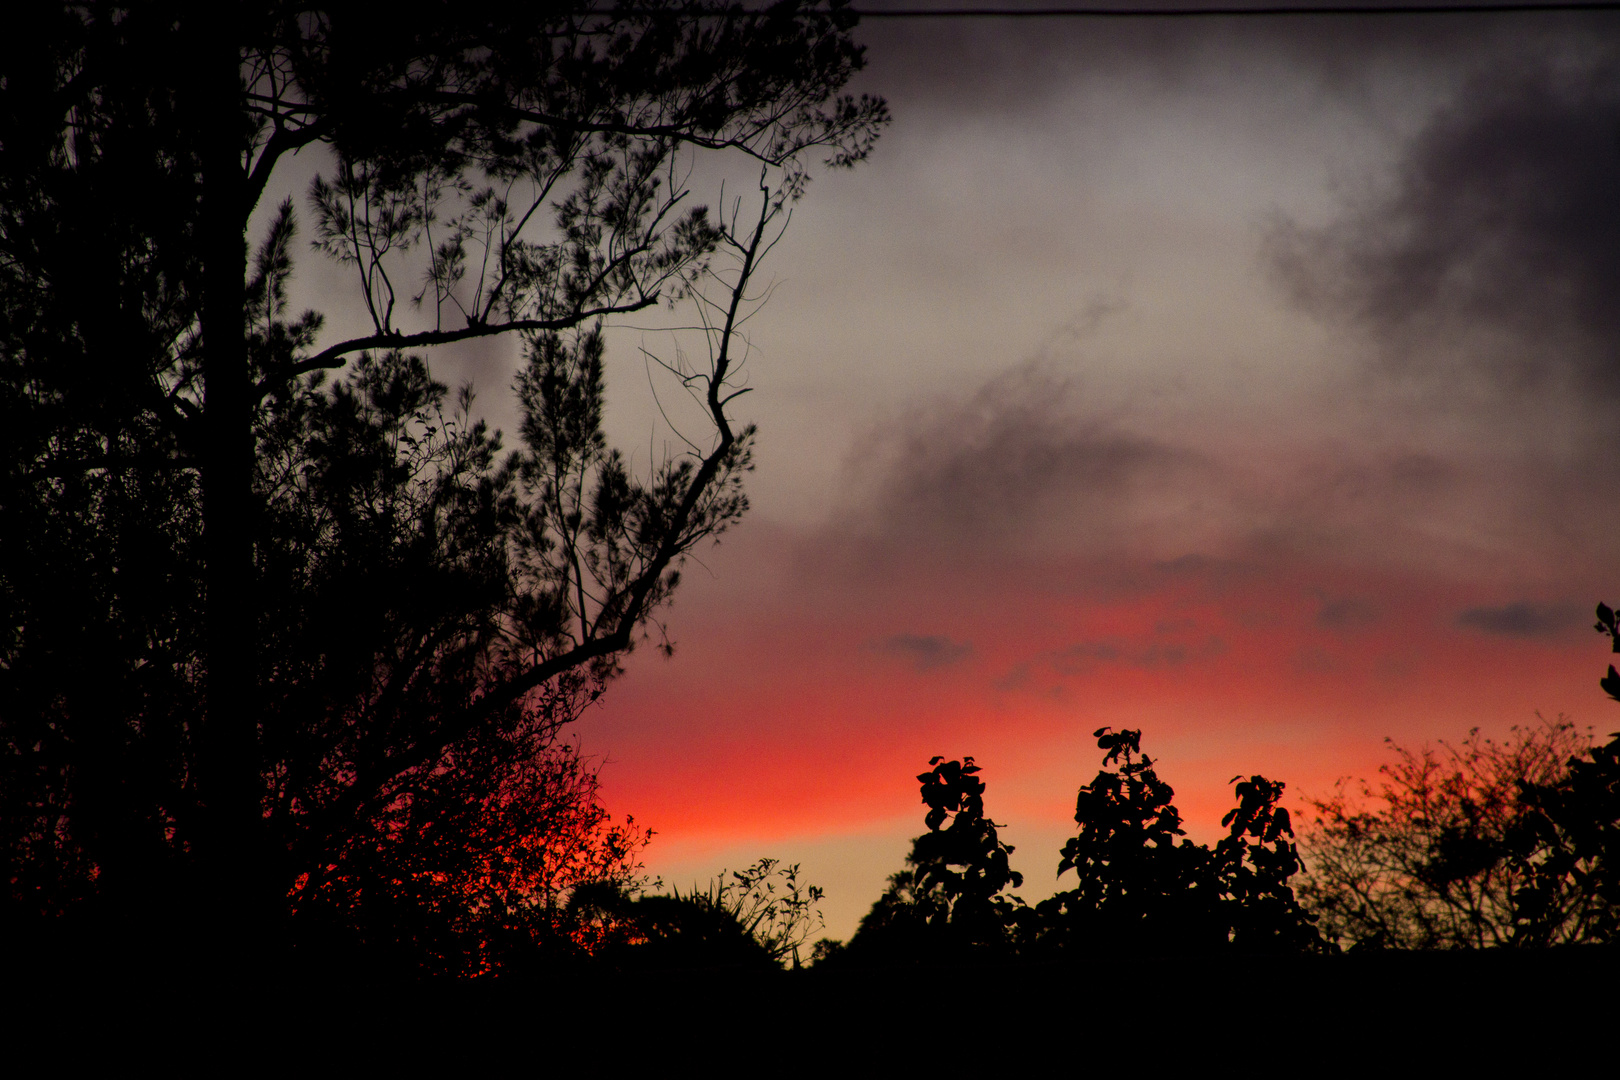 Mi hora azul, hora de tomar fotos y tiempo para meditar...